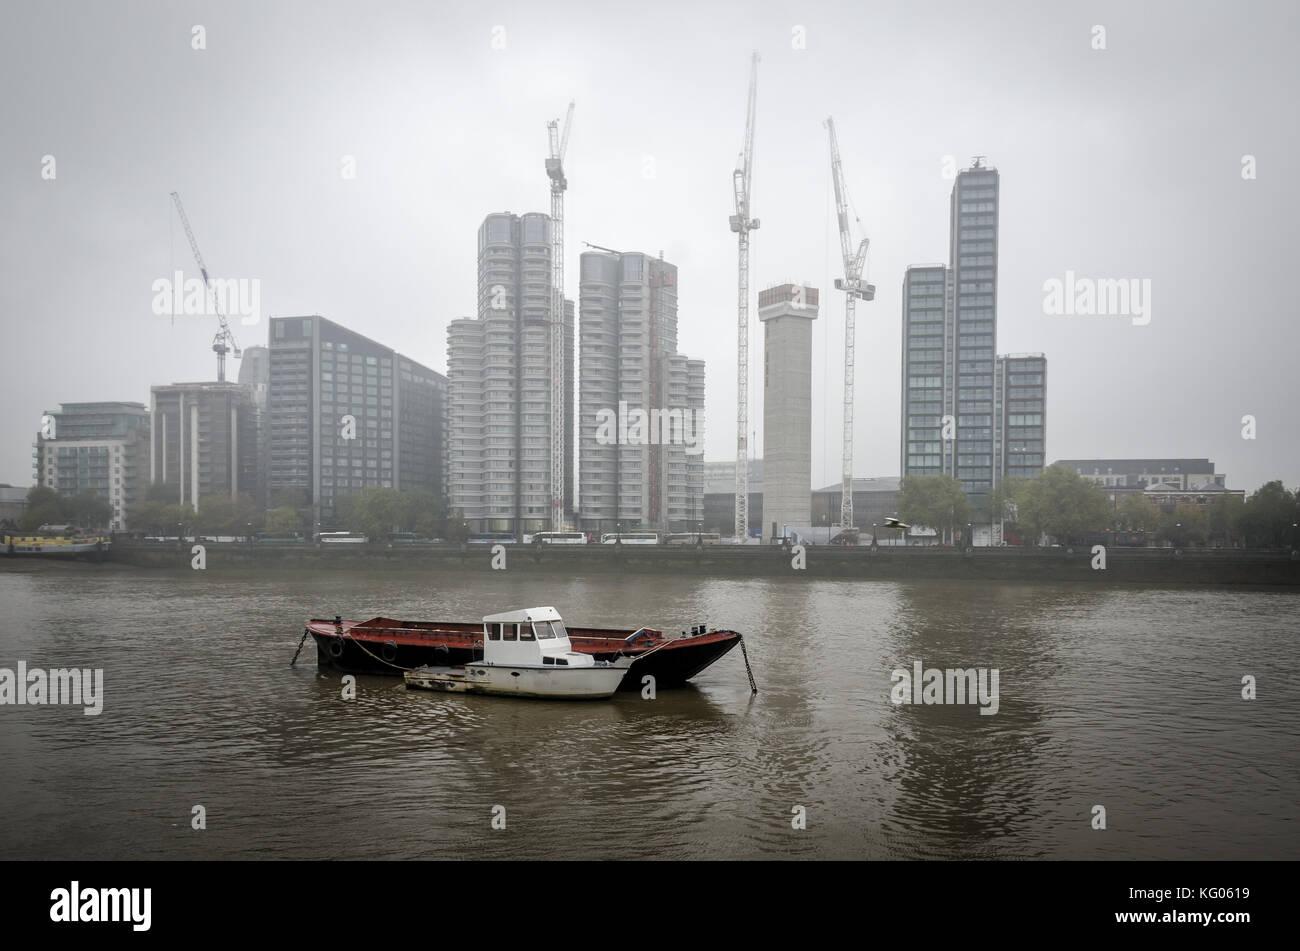 Beccles, Großbritannien, 26. Oktober 2017: Misty River, Boot und Gebäude in der Themse. Krane bauen mehr Gebäude. Stockfoto